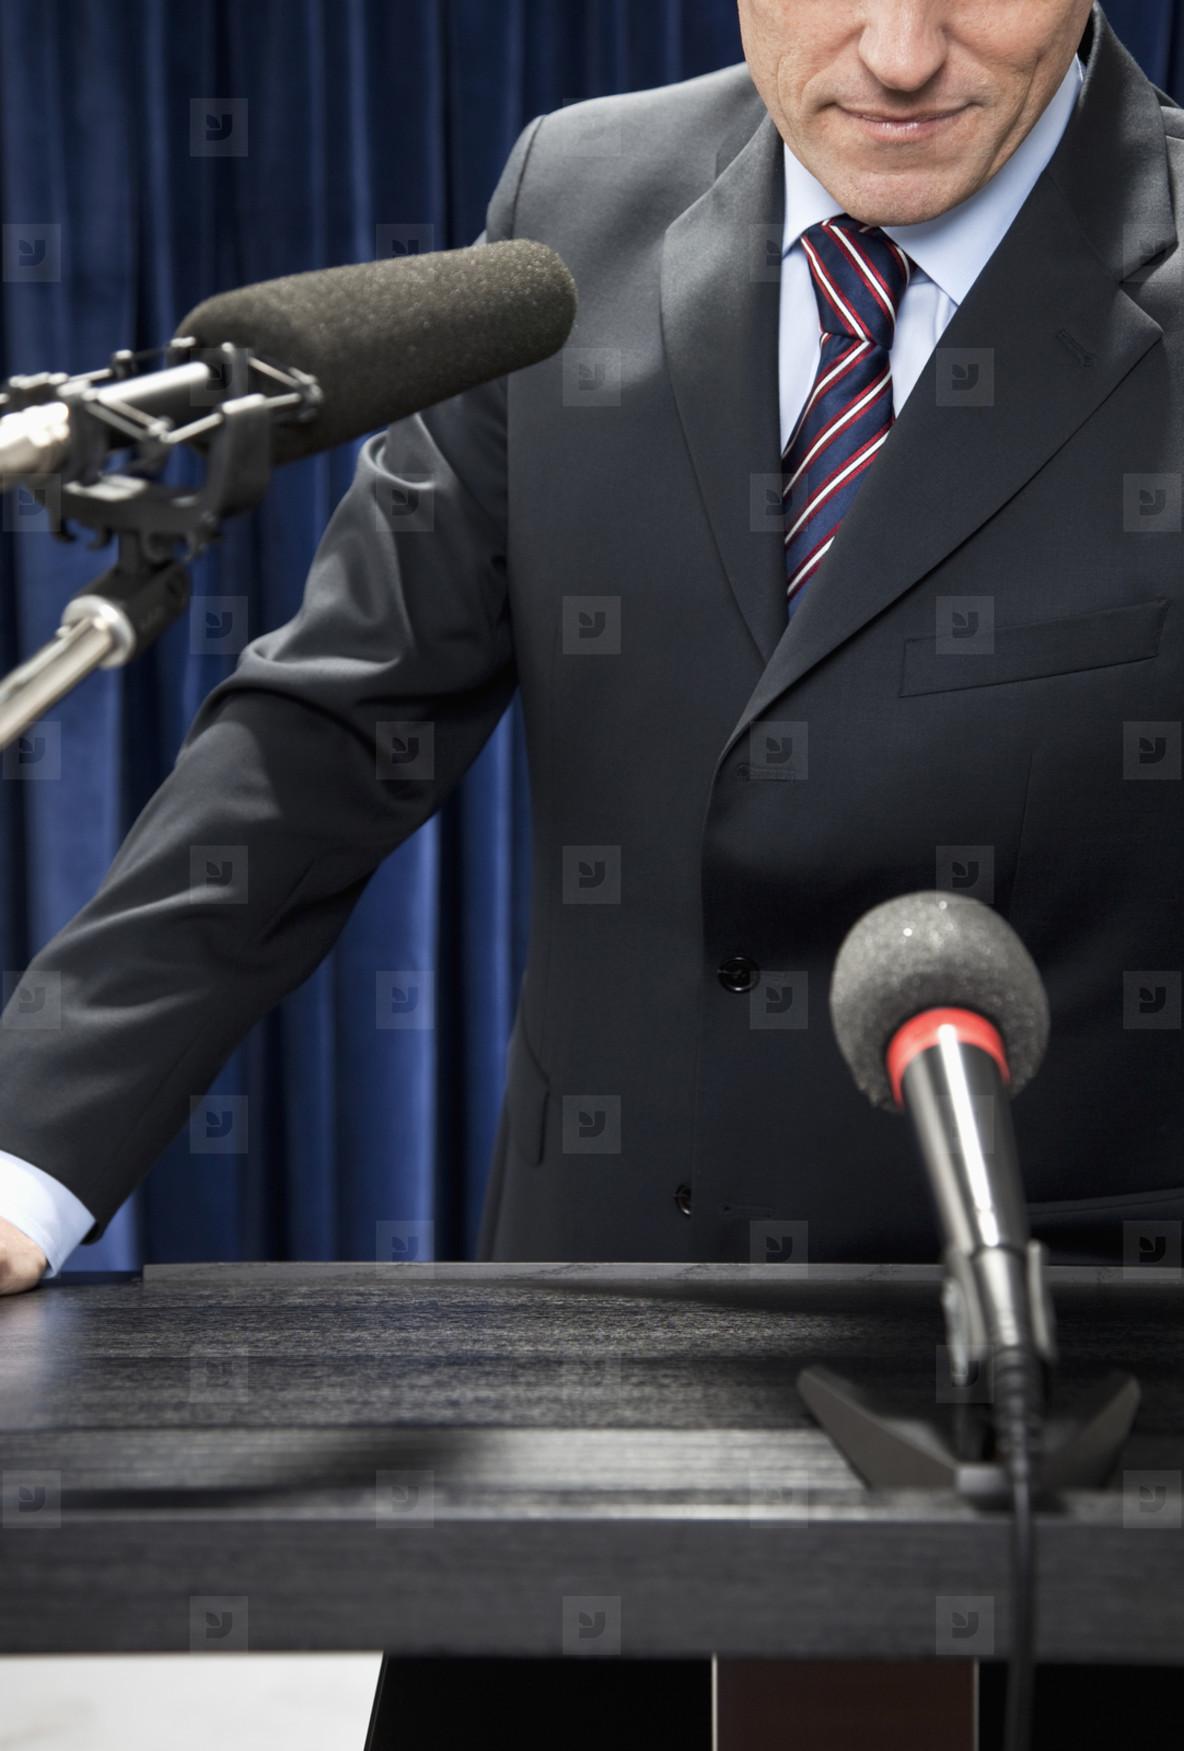 Public Speaking   Politics  16